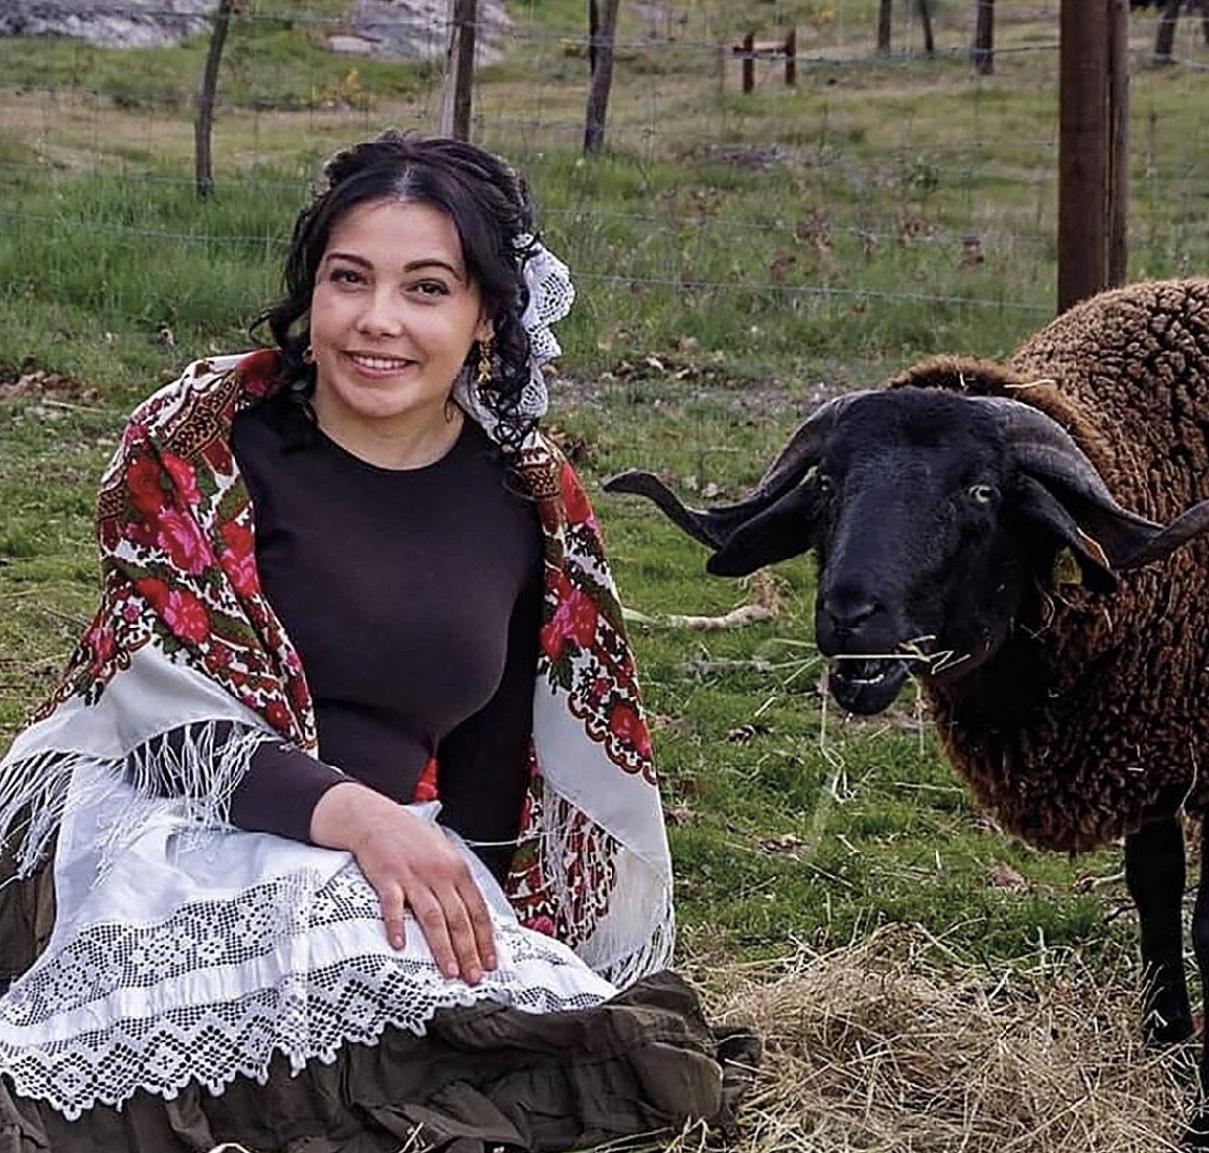 Catarina Quem Quer Namorar Com O Agricultor 2 Novidade! Sic Põe Mulher Na 3.ª Edição De 'Quem Quer Namorar Com O Agricultor'